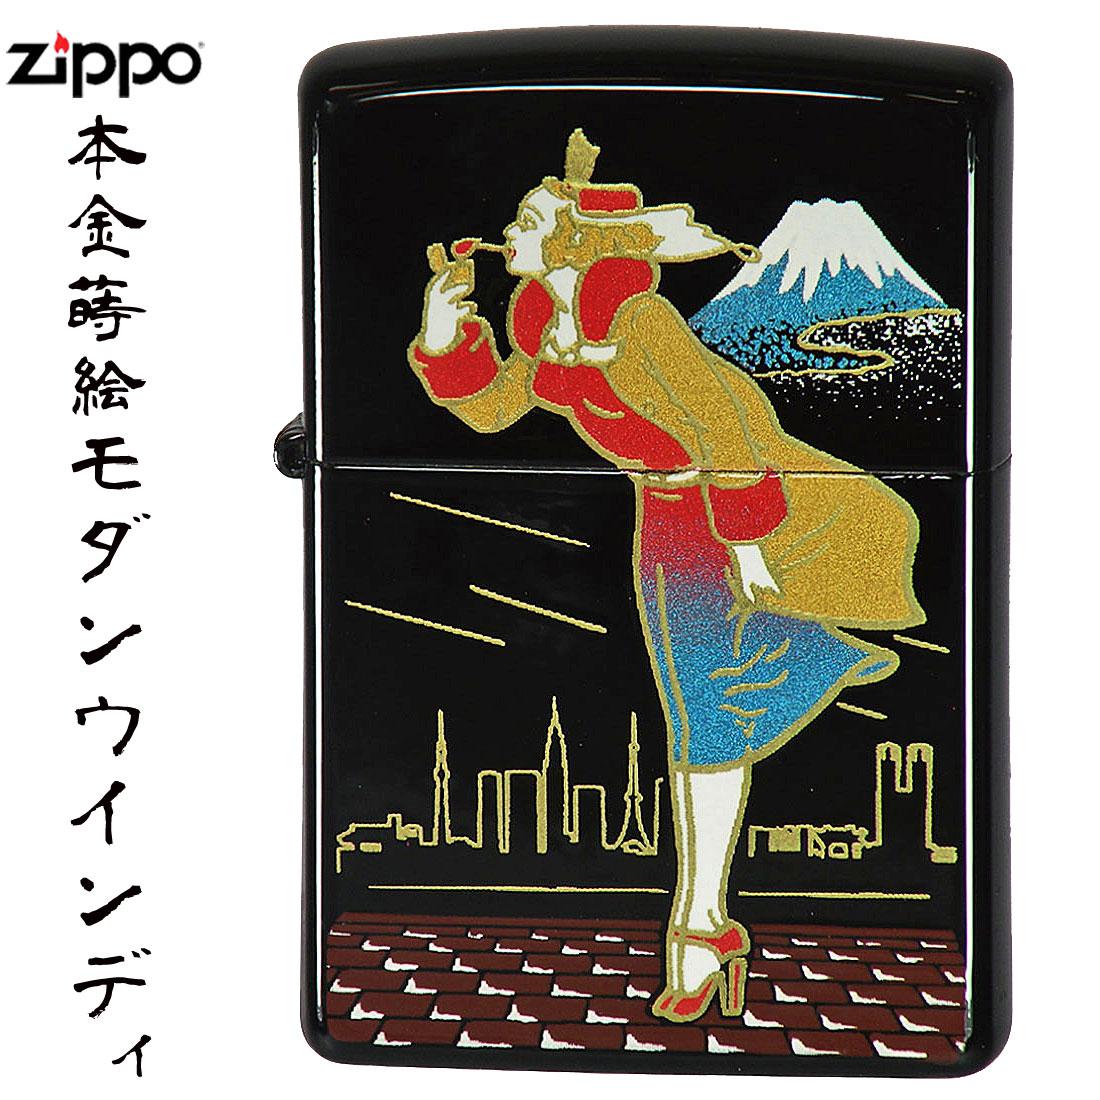 ZIPPO/本金蒔絵  モダンWINDY ウインディー・今昔シリーズ 画像